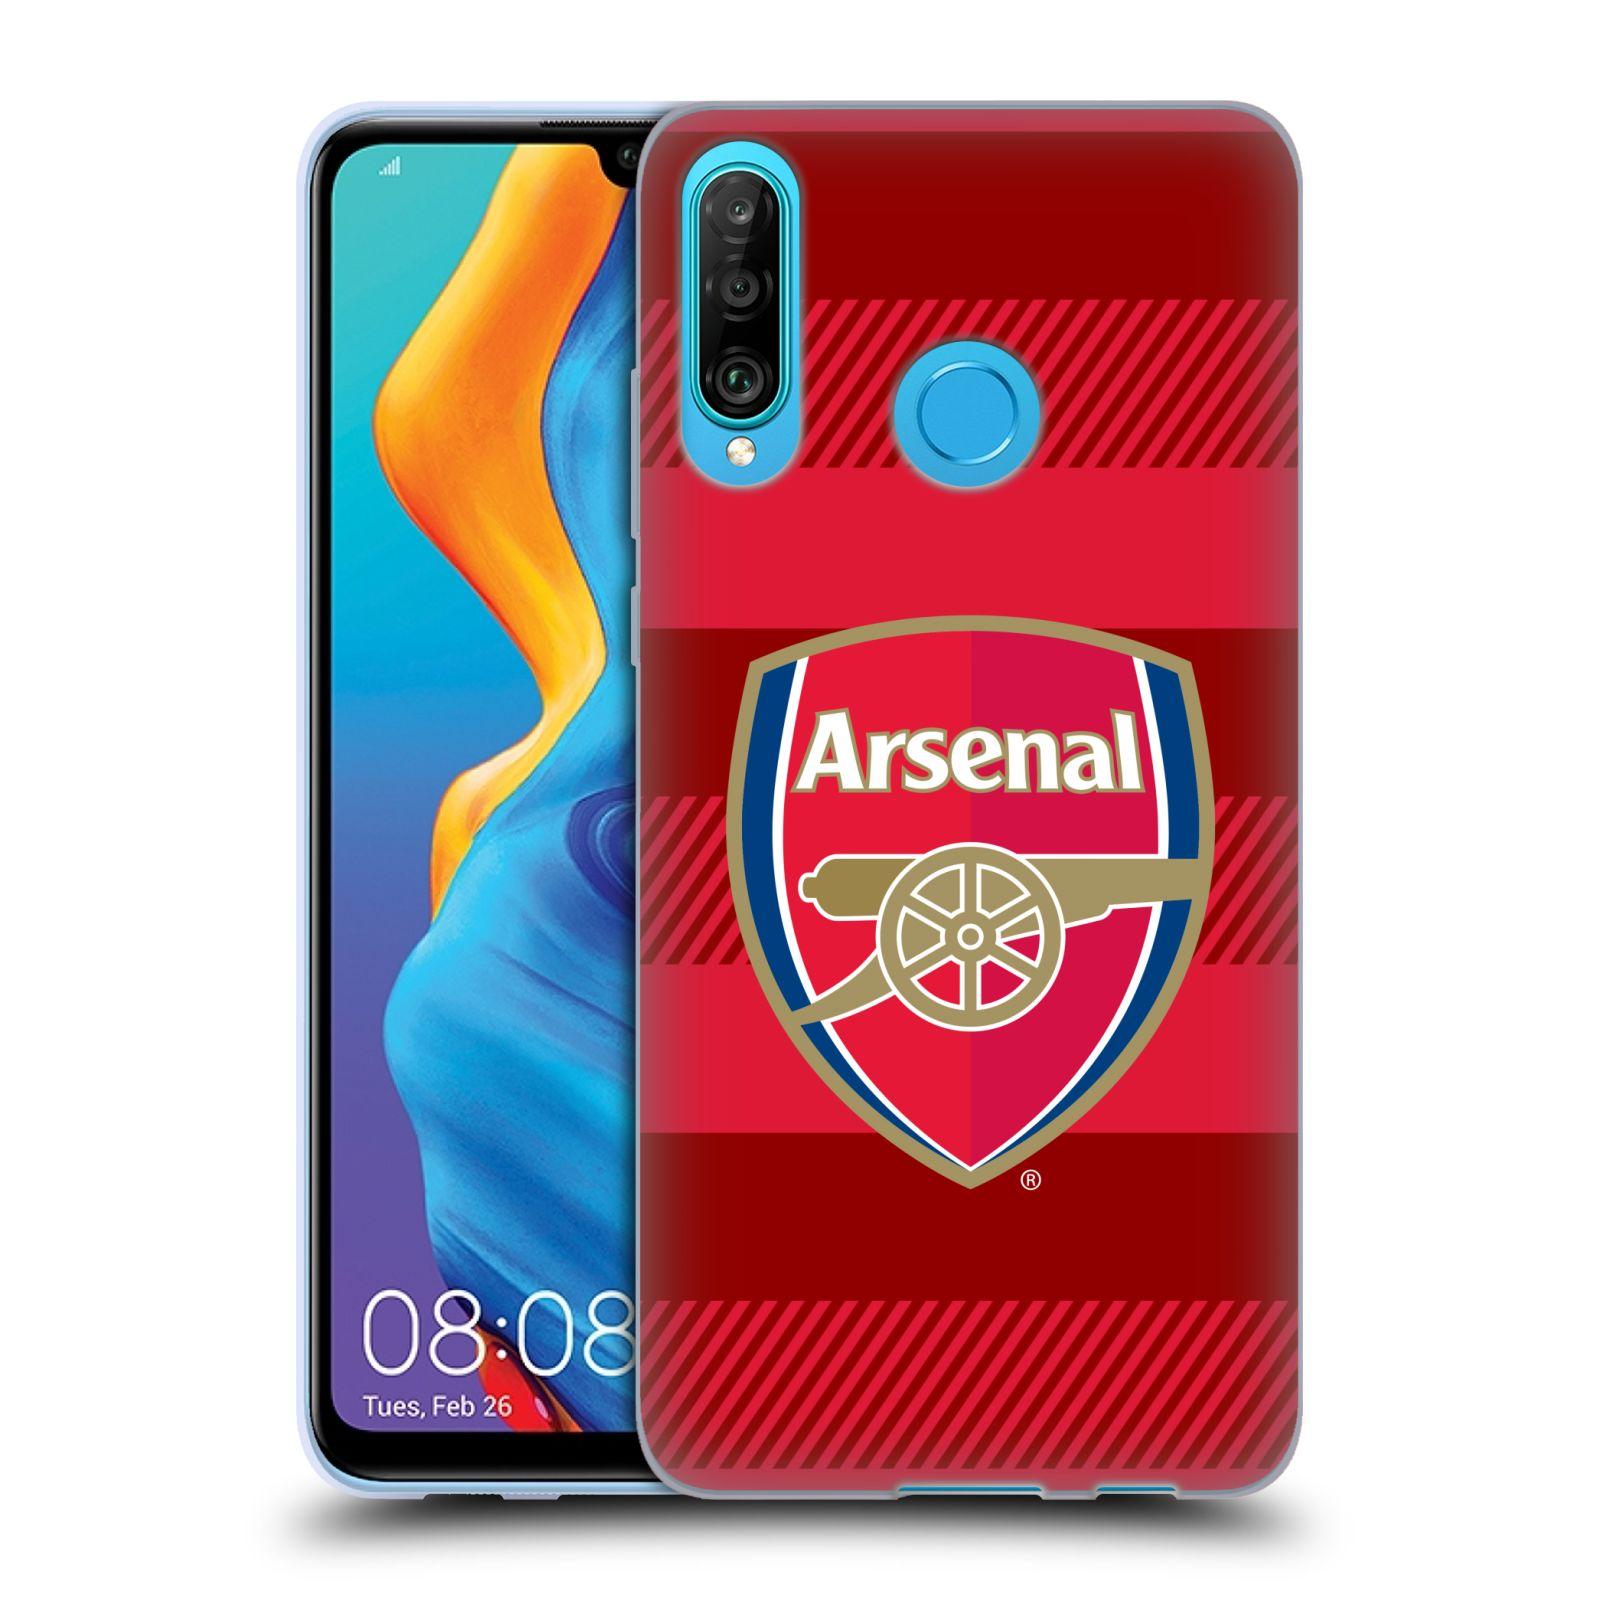 Silikonové pouzdro na mobil Huawei P30 Lite - Head Case - Arsenal FC - Logo s pruhy